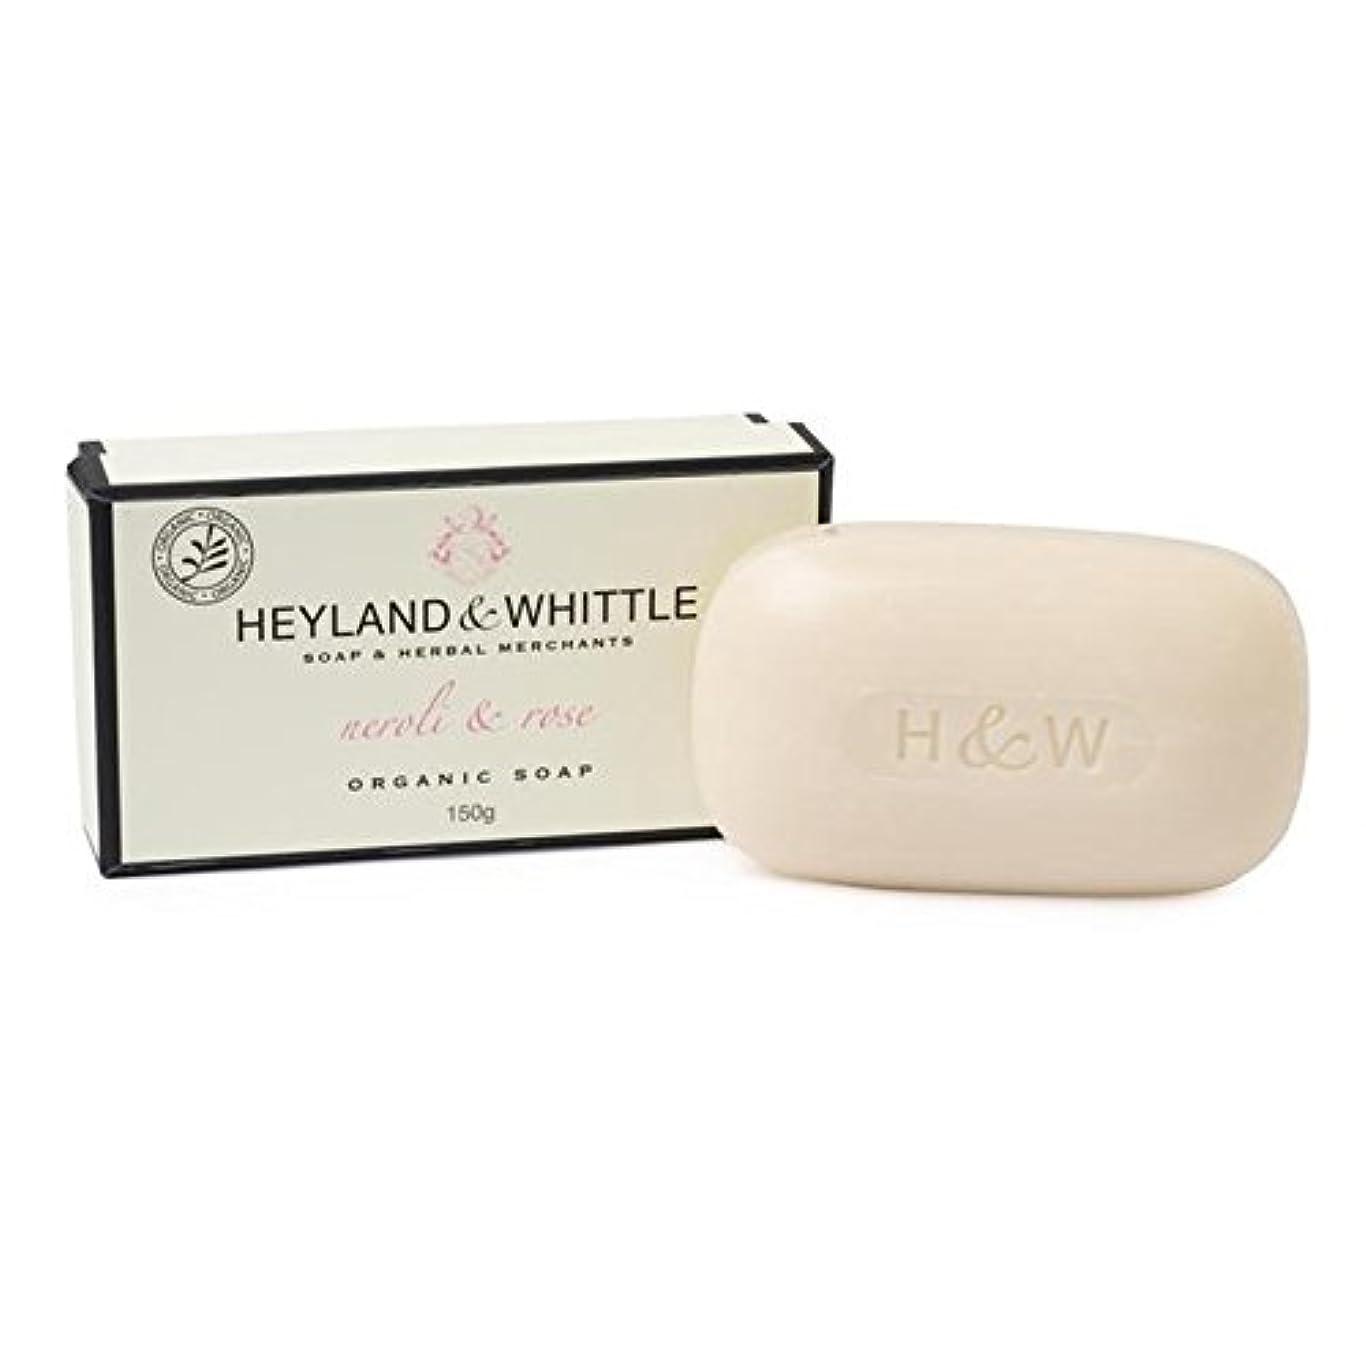 カーペットいたずら作りますHeyland & Whittle Organic Neroli & Rose Soap Bar 150g (Pack of 6) - &削る有機ネロリ&ソープバー150グラムをバラ x6 [並行輸入品]